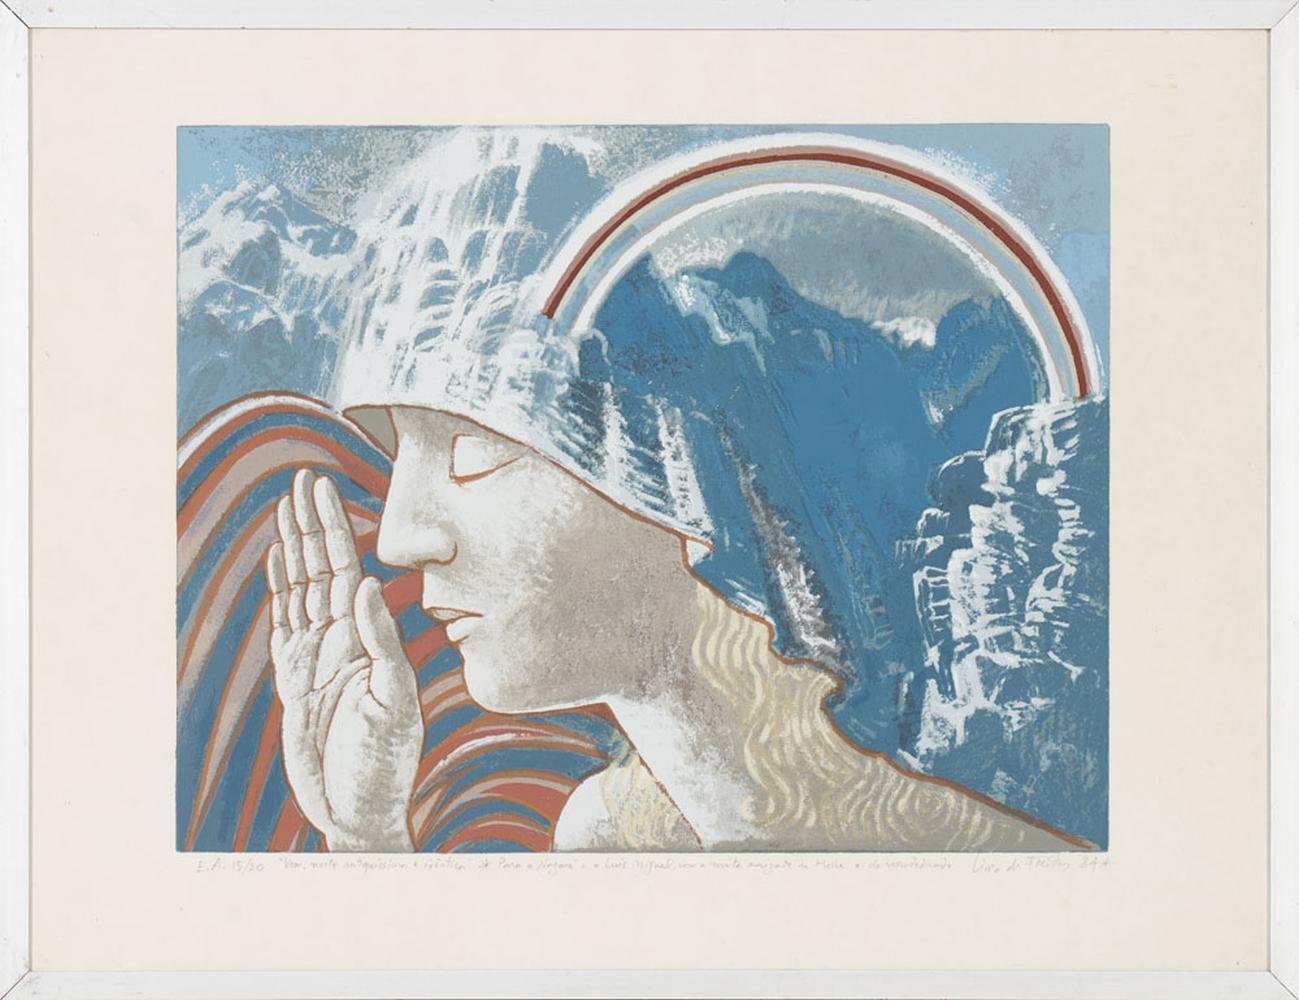 LIMA DE FREITAS, Litografia s/ papel, 36 x 46 cm.